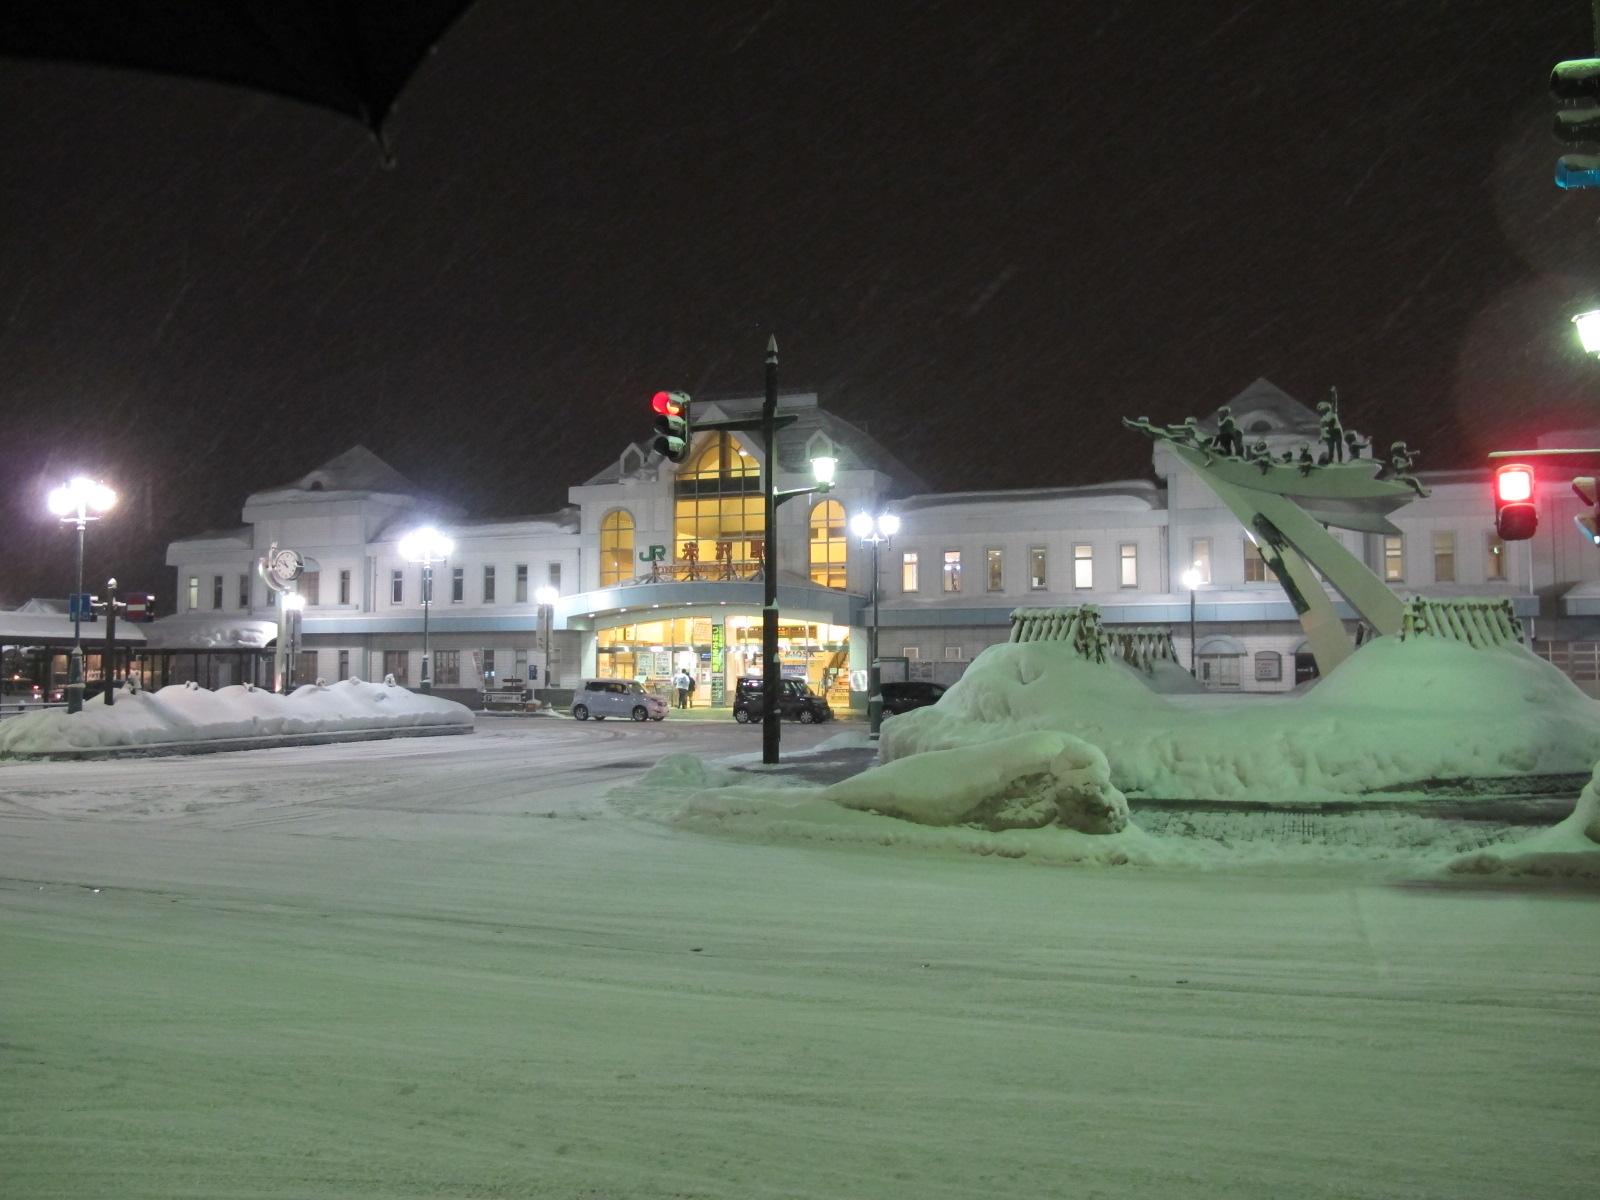 雪の夜の米沢駅 : 米沢より愛を ...